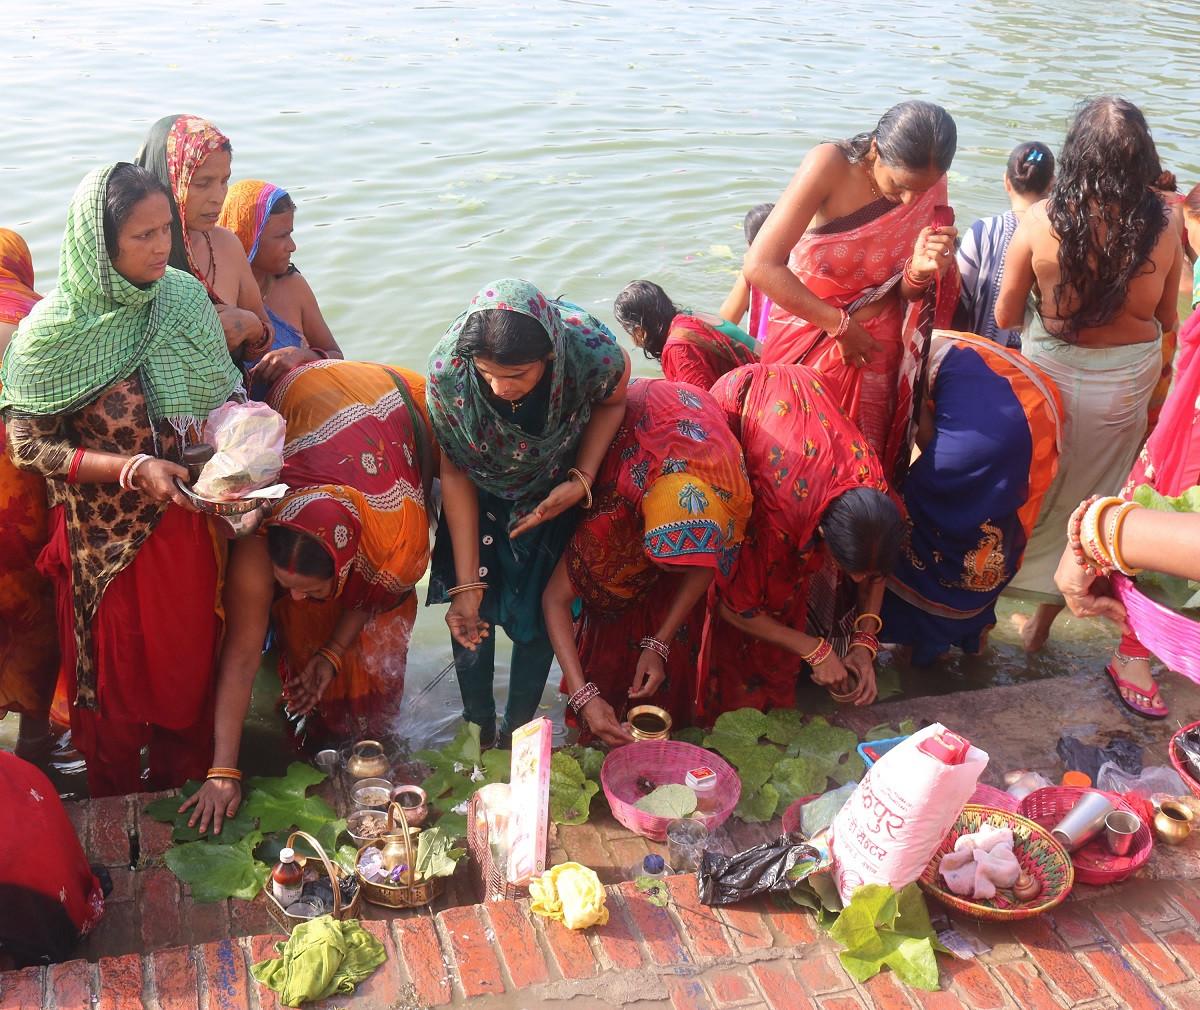 मैथिली समुदायका महिलाले मनाउने जितीयापर्वअन्तर्गत व्रतालुद्वारा शुक्रबार जनकपुरधामको गङ्गासागरमा स्नानगरी पुजा बिधि  (तेलखरि विधि) गरिँदै। तस्वीर: हिमांशु चौधरी